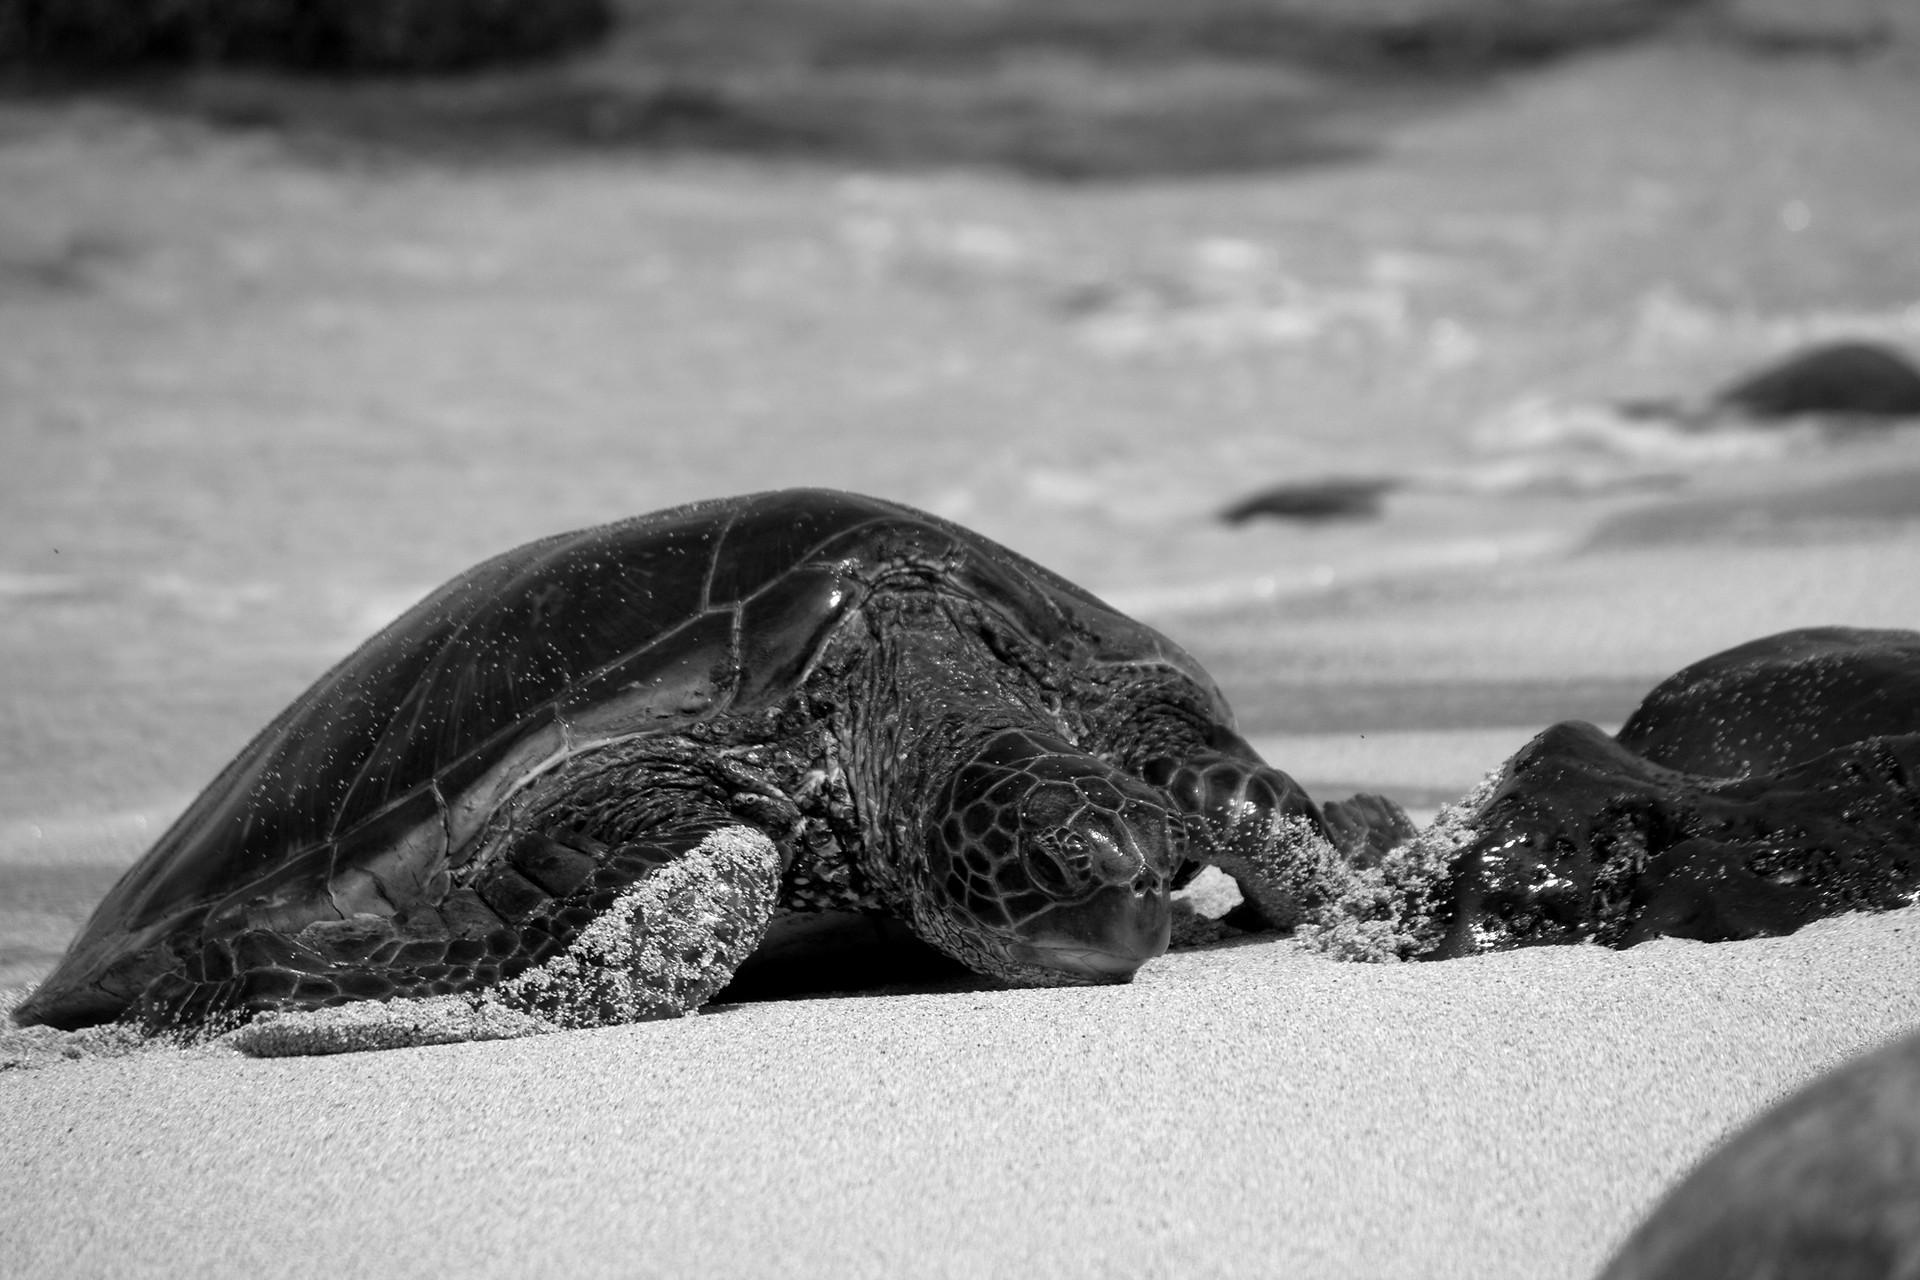 maui_turtles_4.jpg